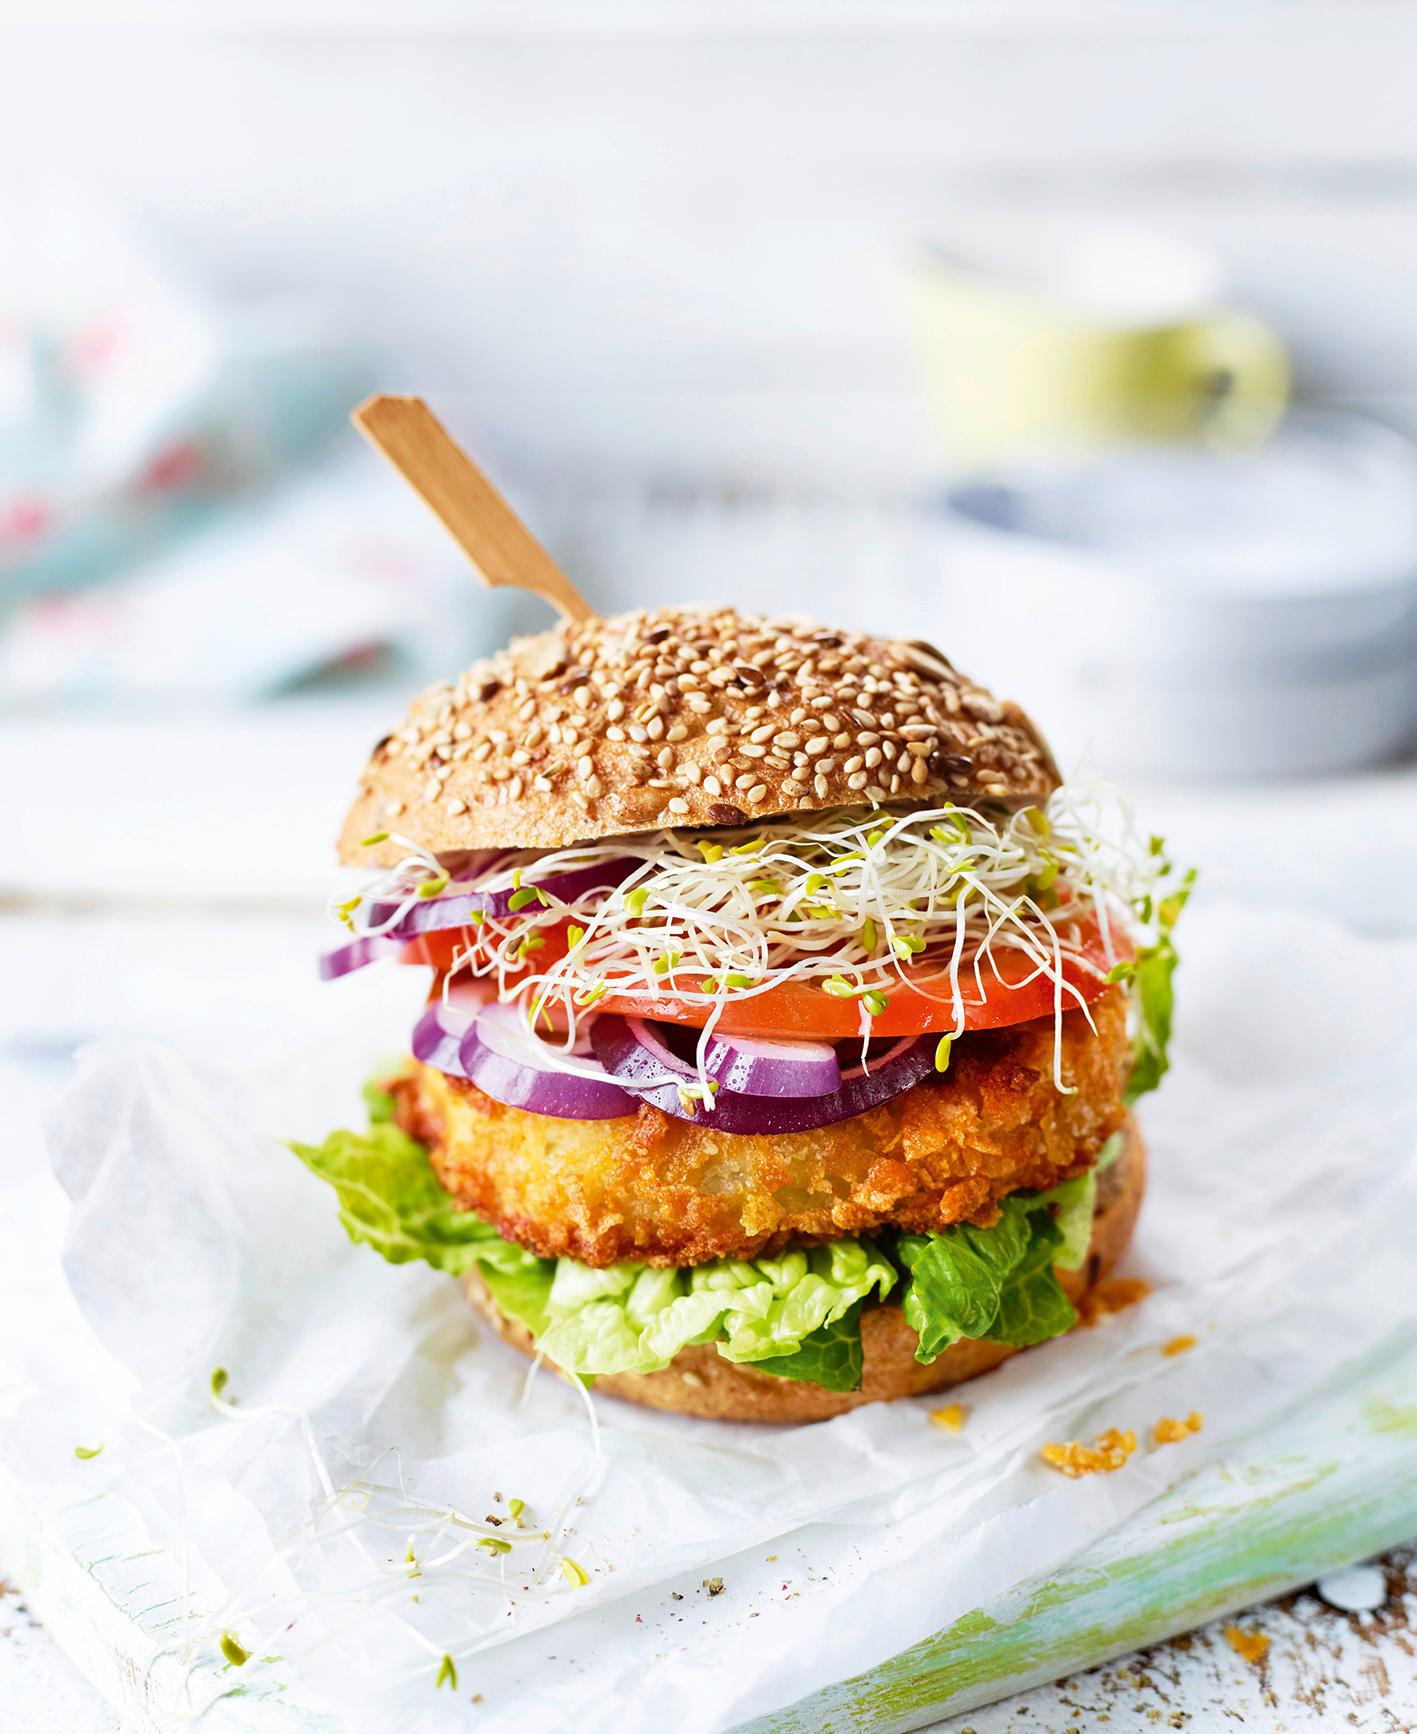 5 köstliche Gründe, die vegane Küche zu lieben